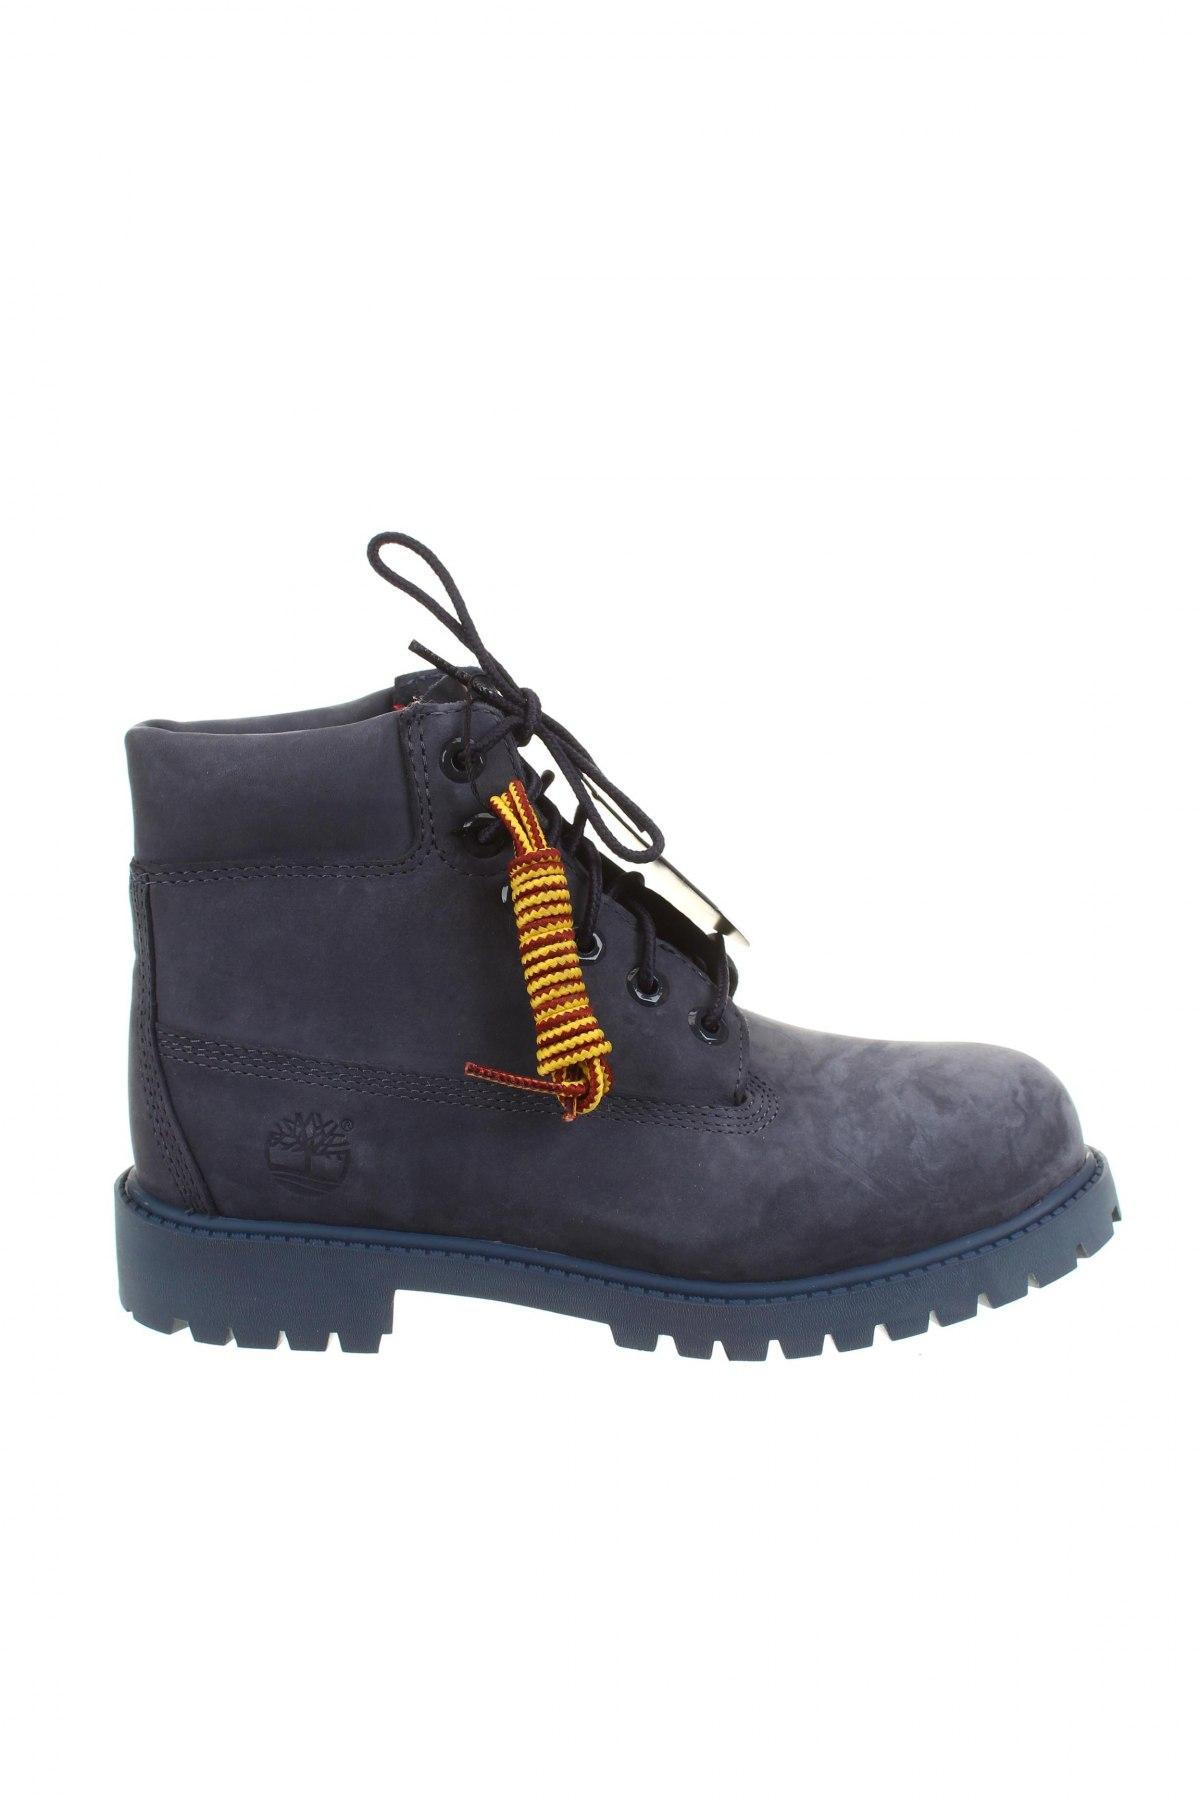 2c9138b39632f Detské topánky Timberland - za výhodnú cenu na Remix - #104153285